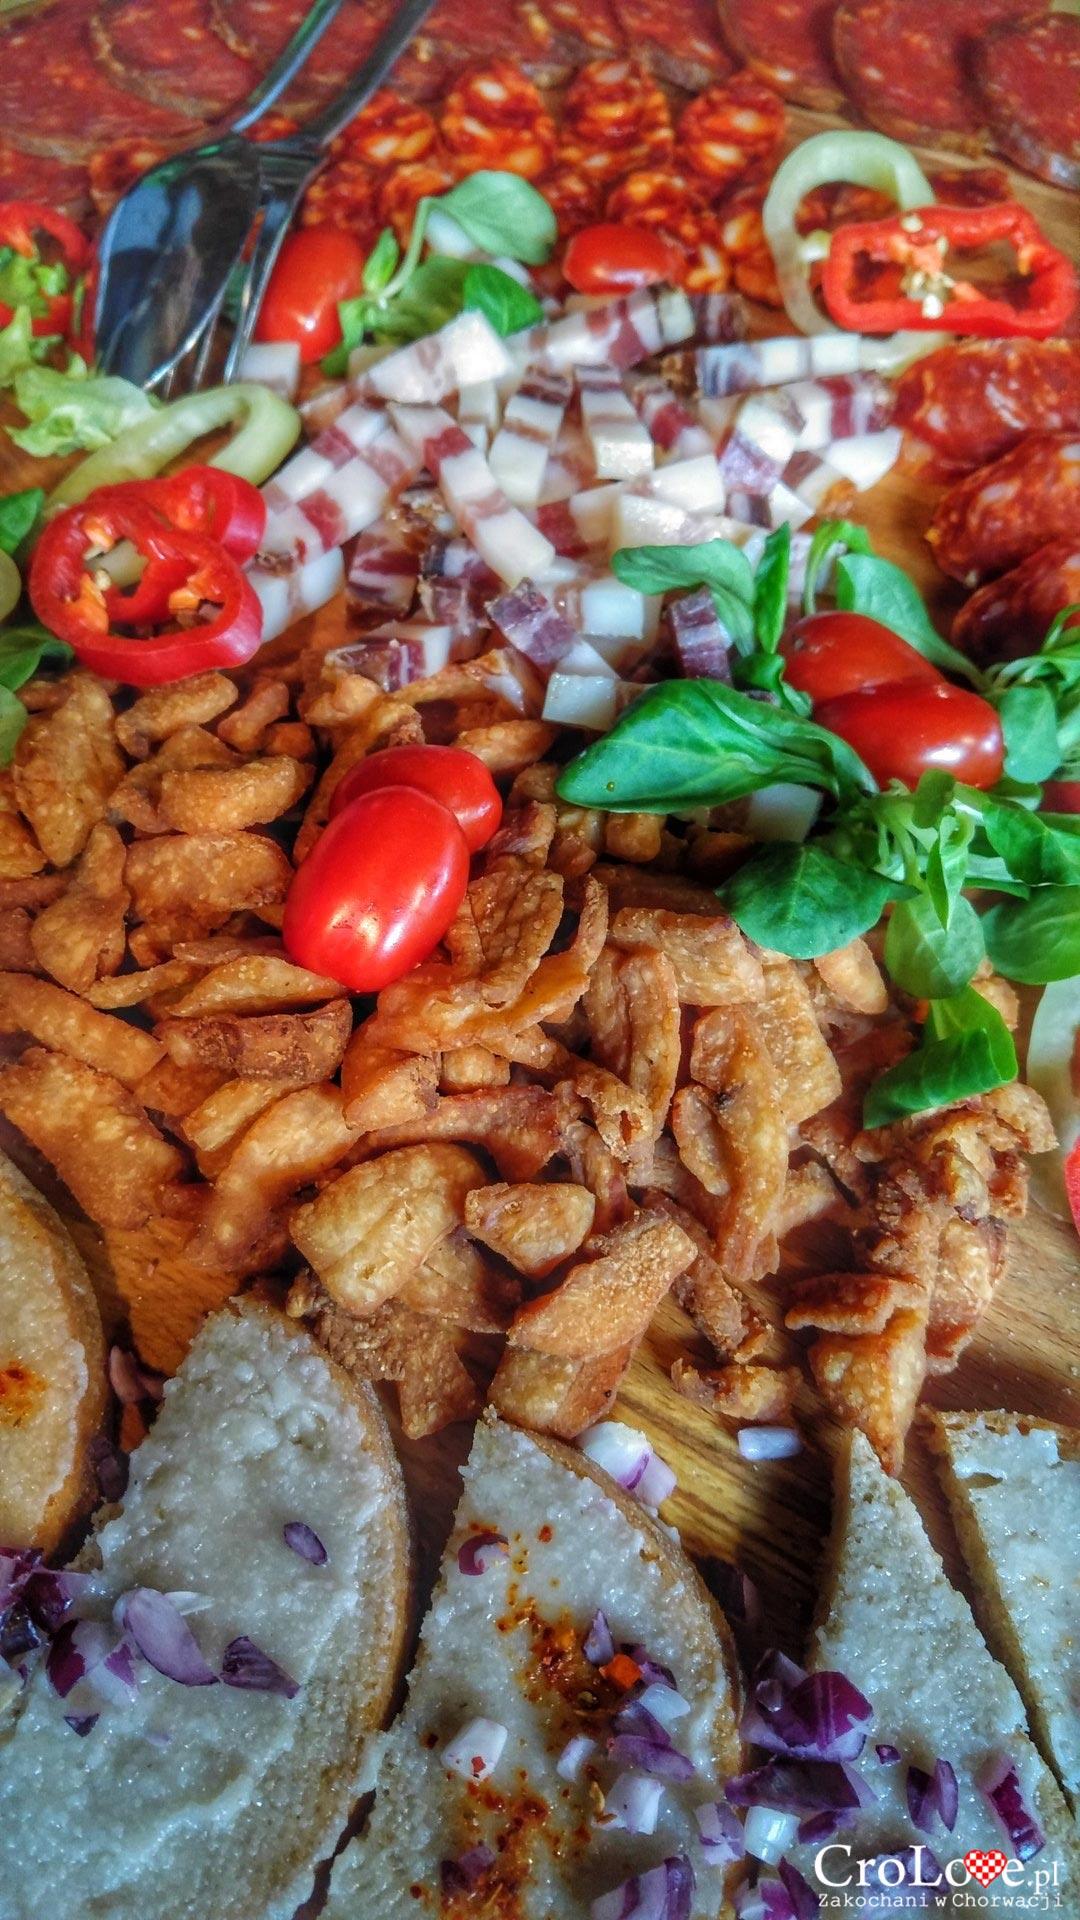 Lokalne przysmaki. Etno restoran Baranjska kuća